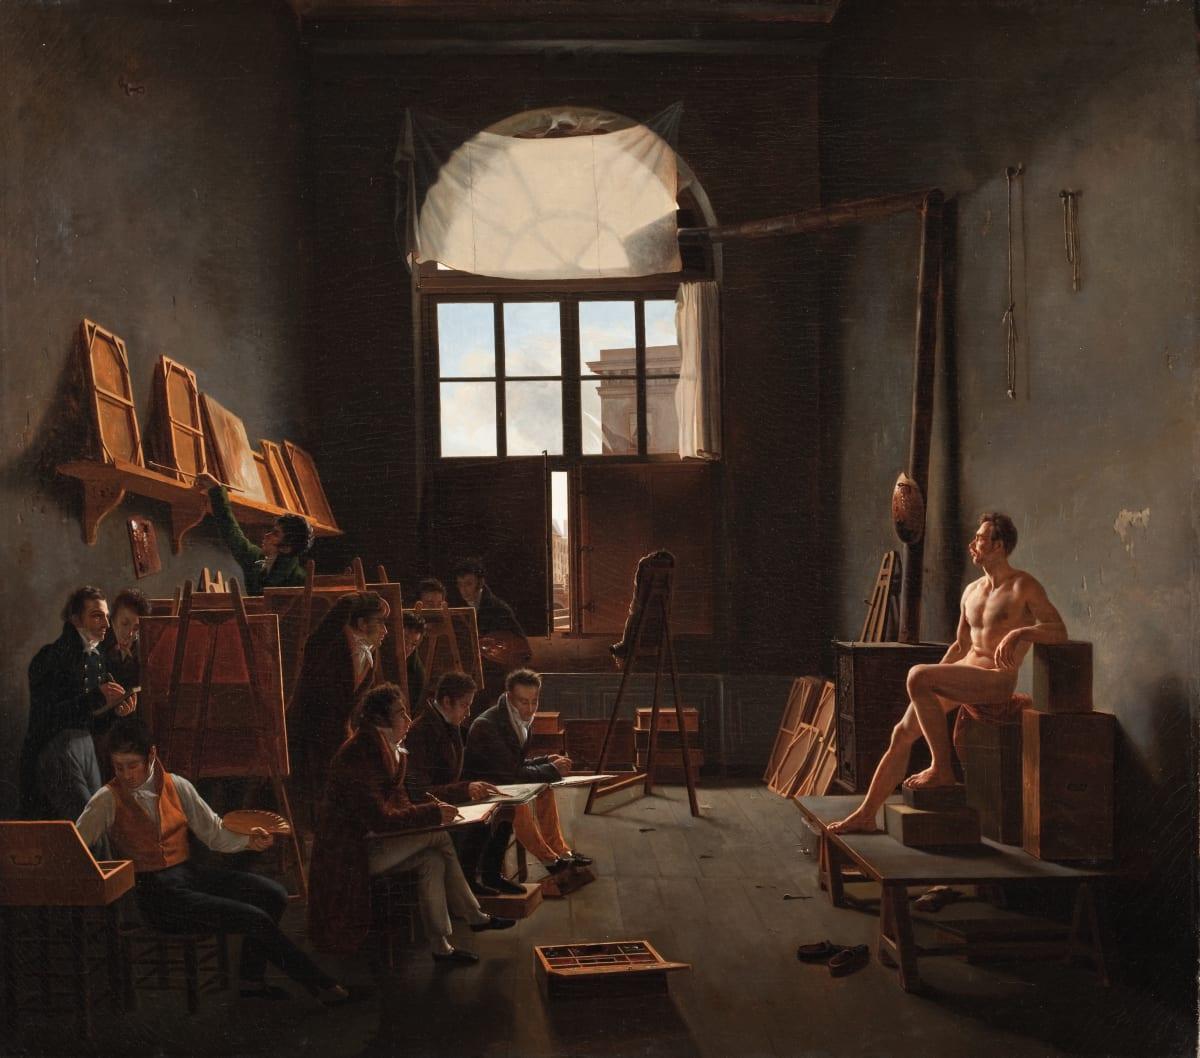 Léon-Mathieu Cochereau  The Studio of Jacques-Louis David, 1814  Oil on canvas  91.1 x 102.87 cm  35 7/8 x 40 1/2 in